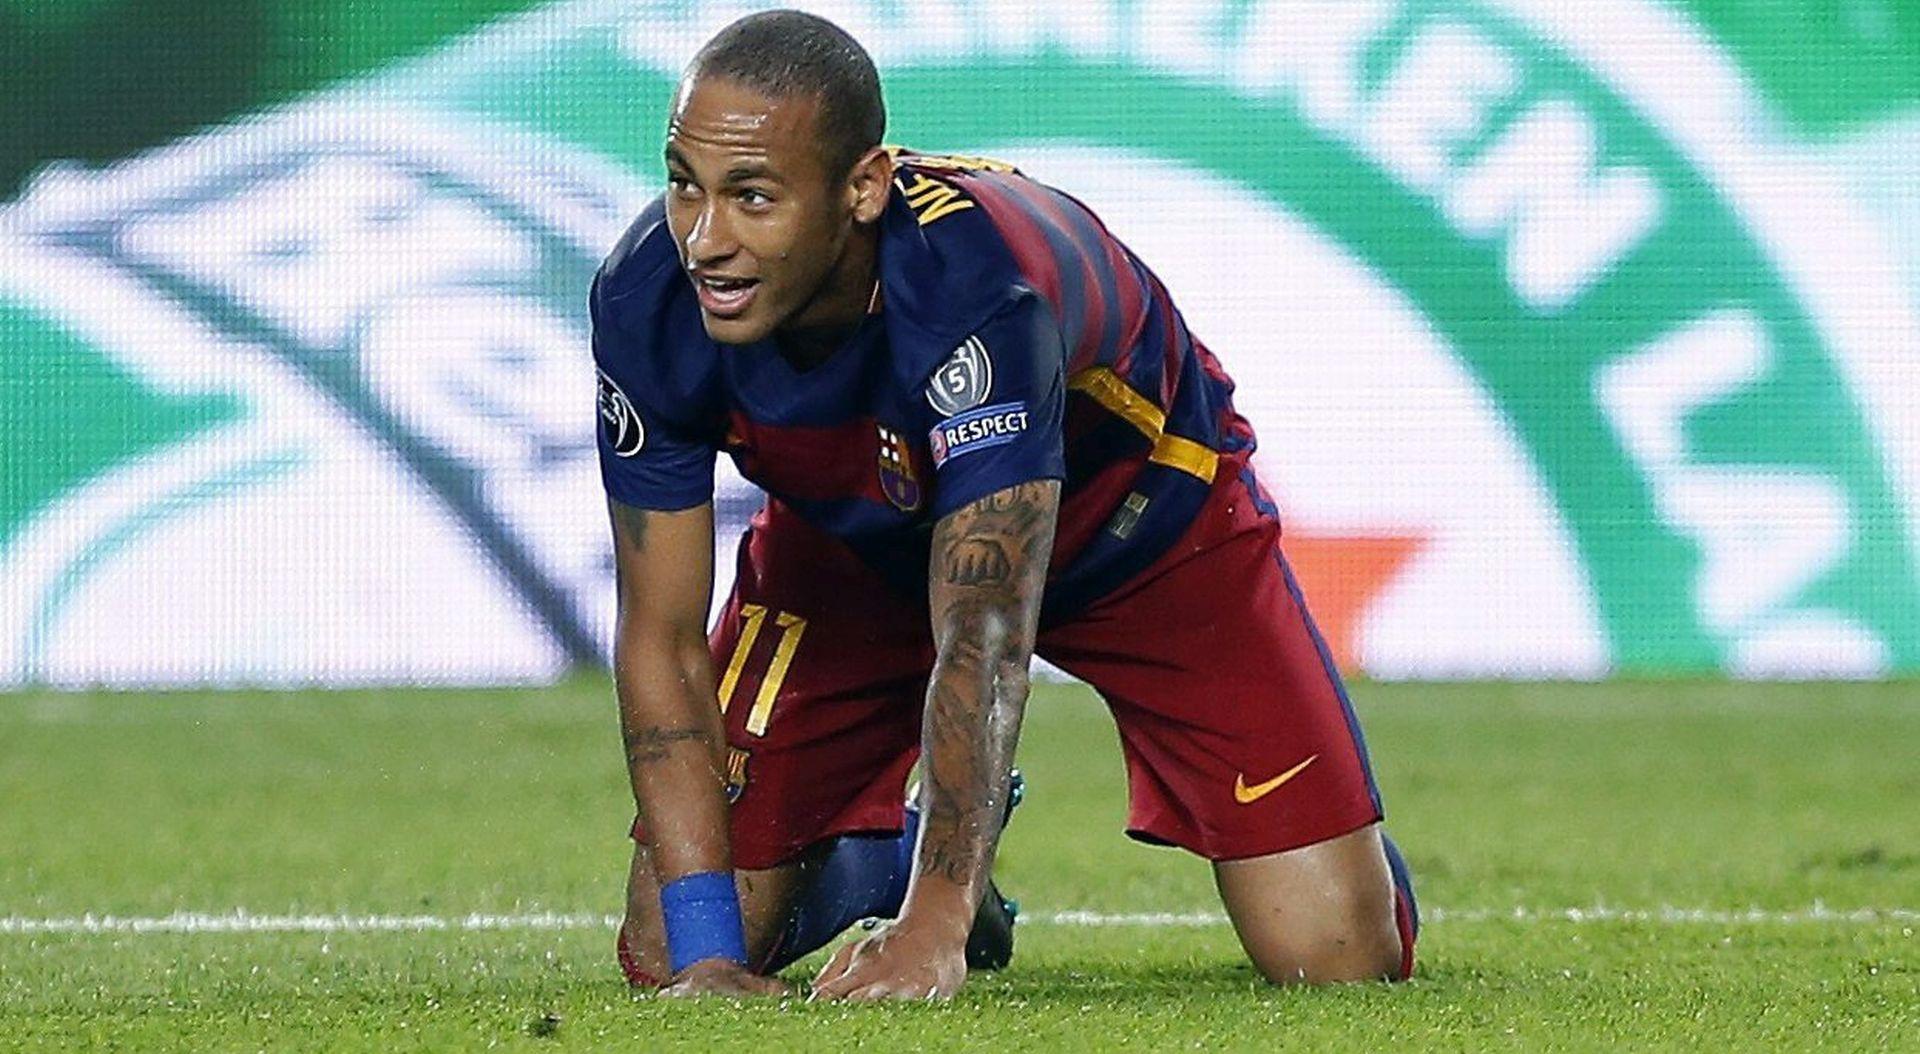 'SVE ĆEMO ISTRAŽITI': FIFA potvrdila tužbu Santosa protiv Neymara i Barcelone